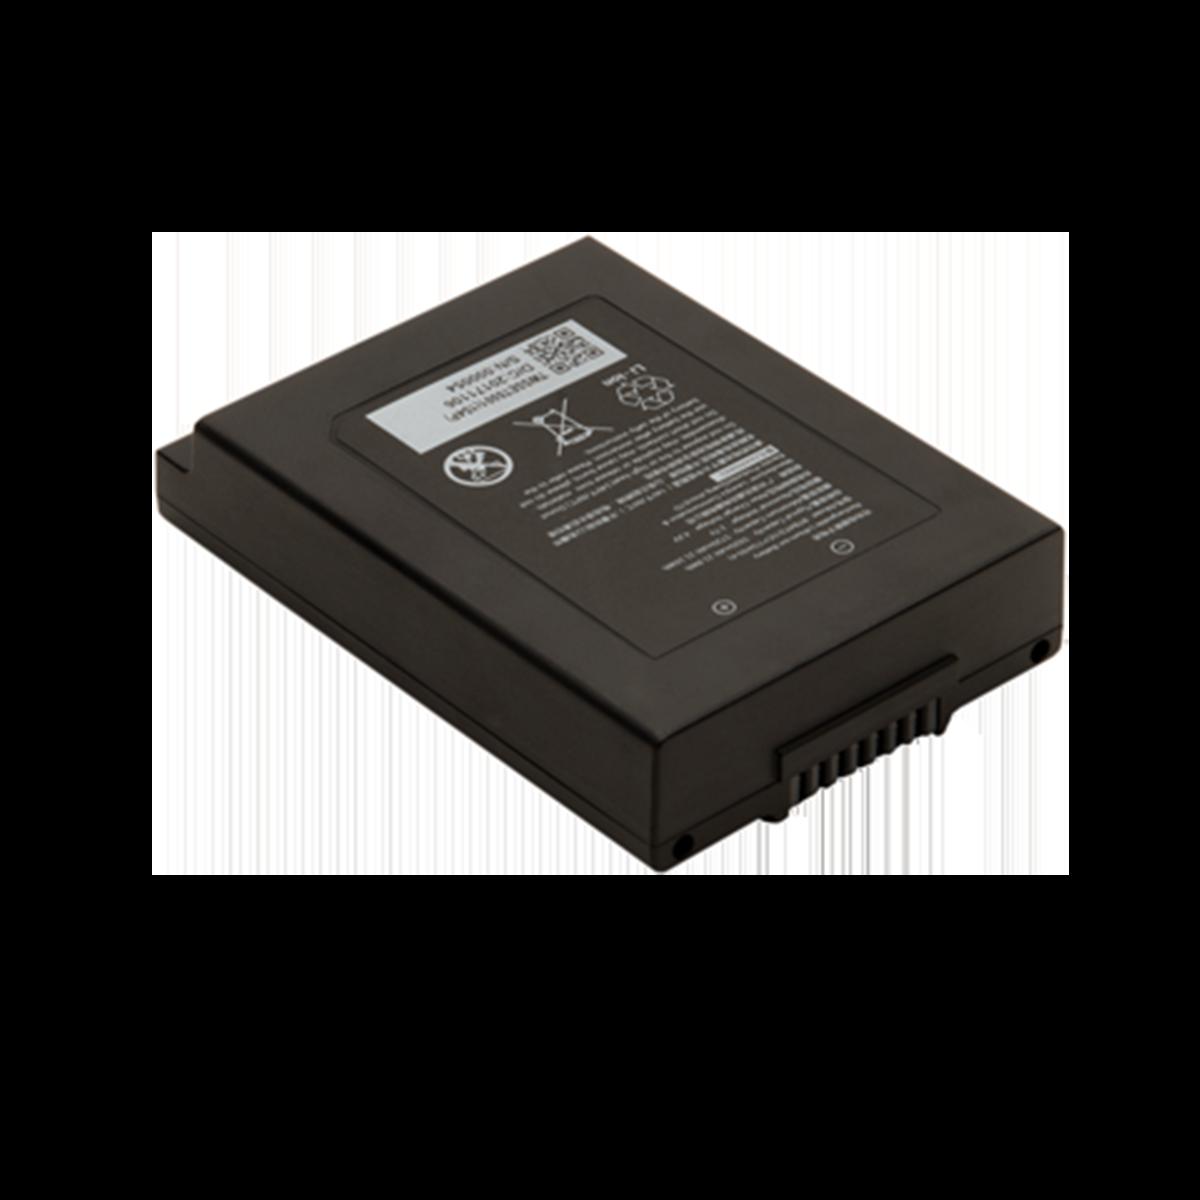 Baterii Terminal HoneywellDolphin 70e BAT-STANDARD-02